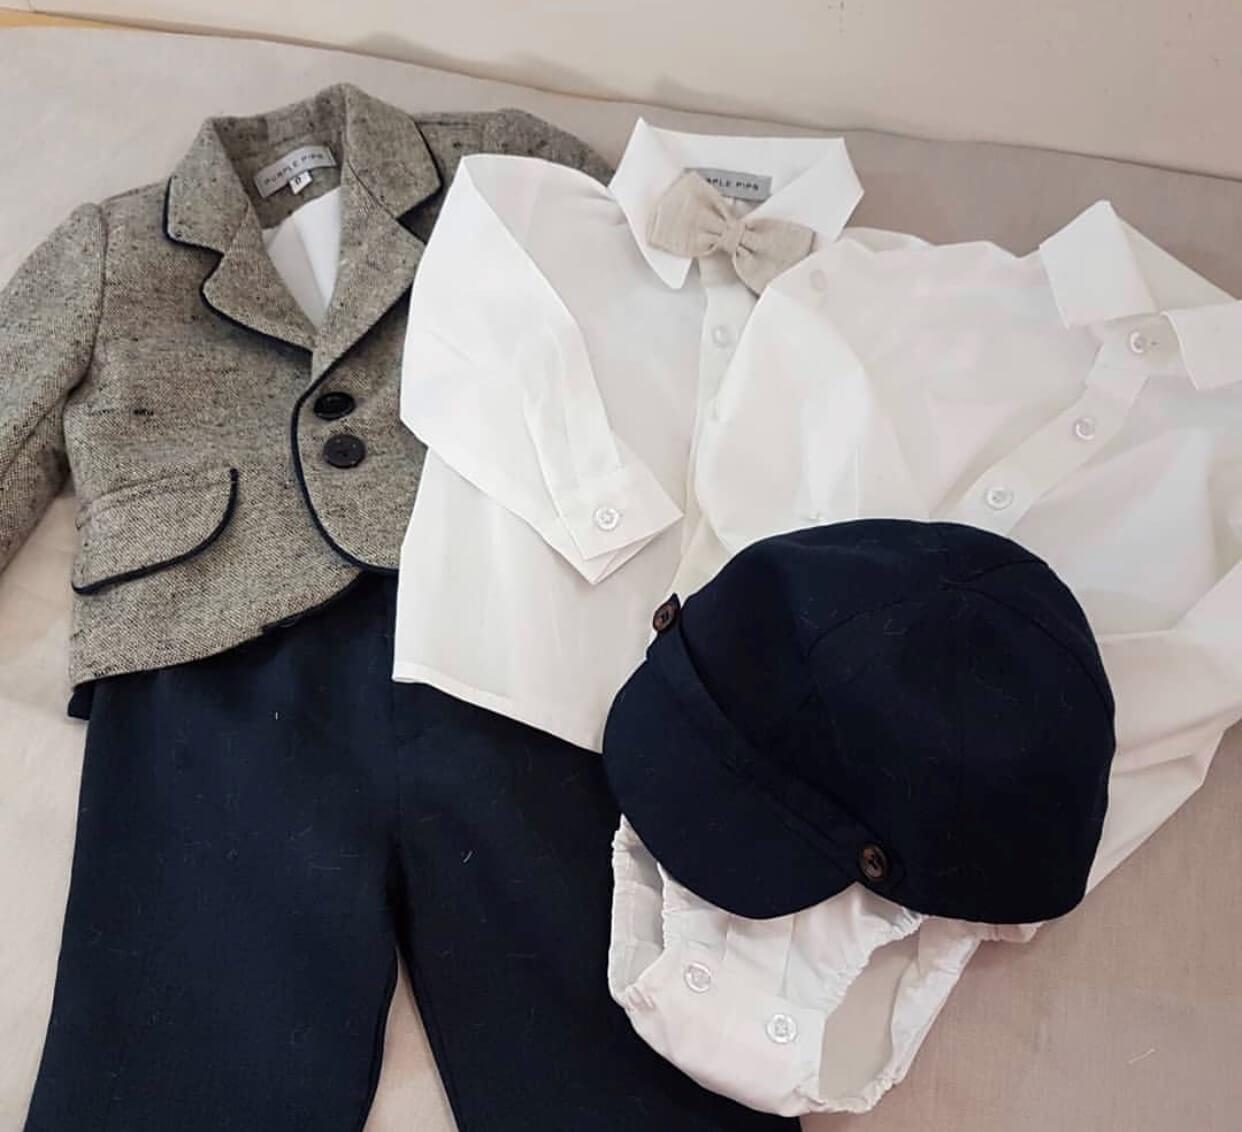 Wool Jacket Linen Mix & Match PP